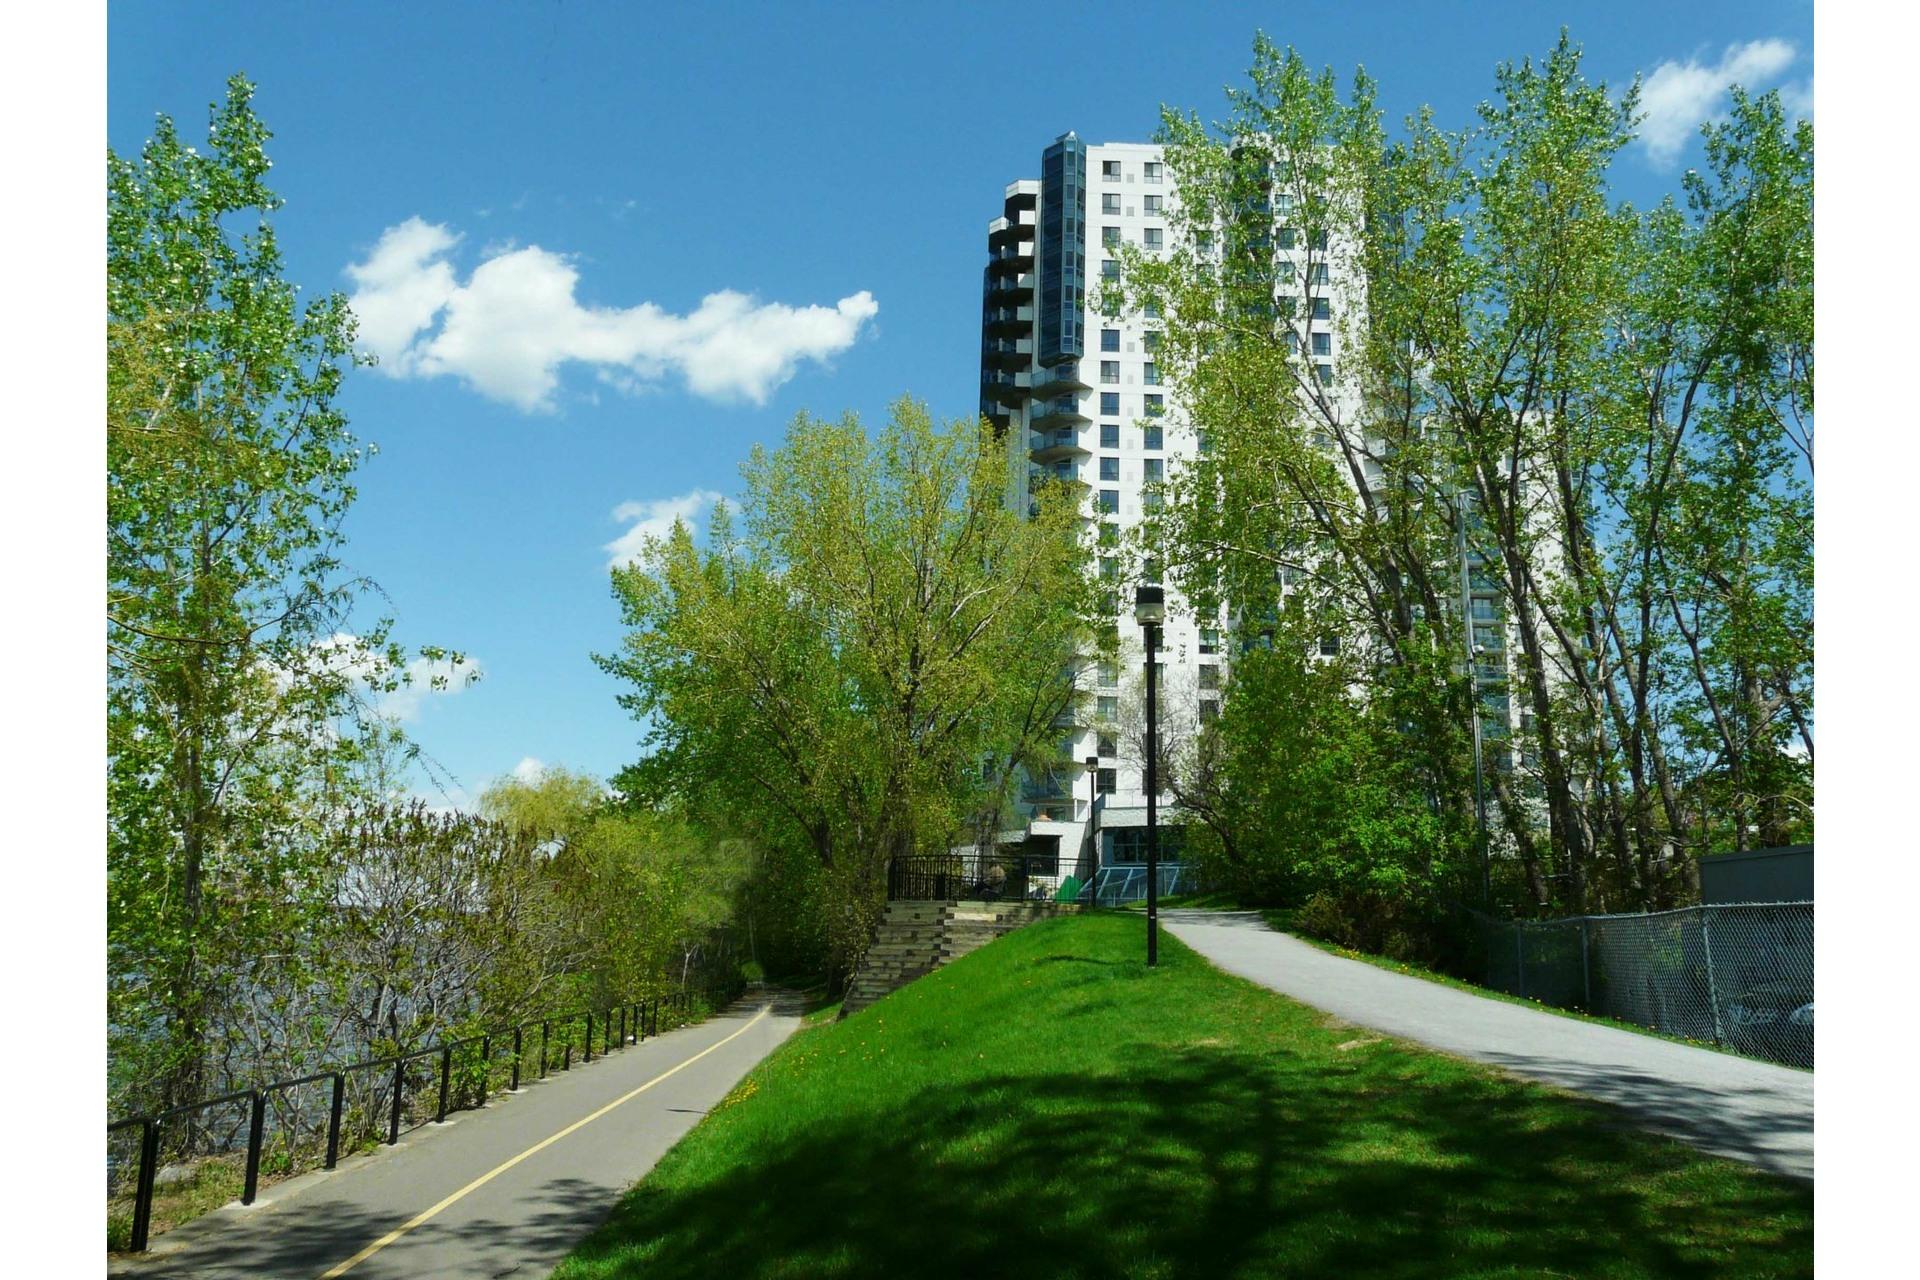 image 17 - Appartement À vendre Montréal Montréal-Nord  - 6 pièces